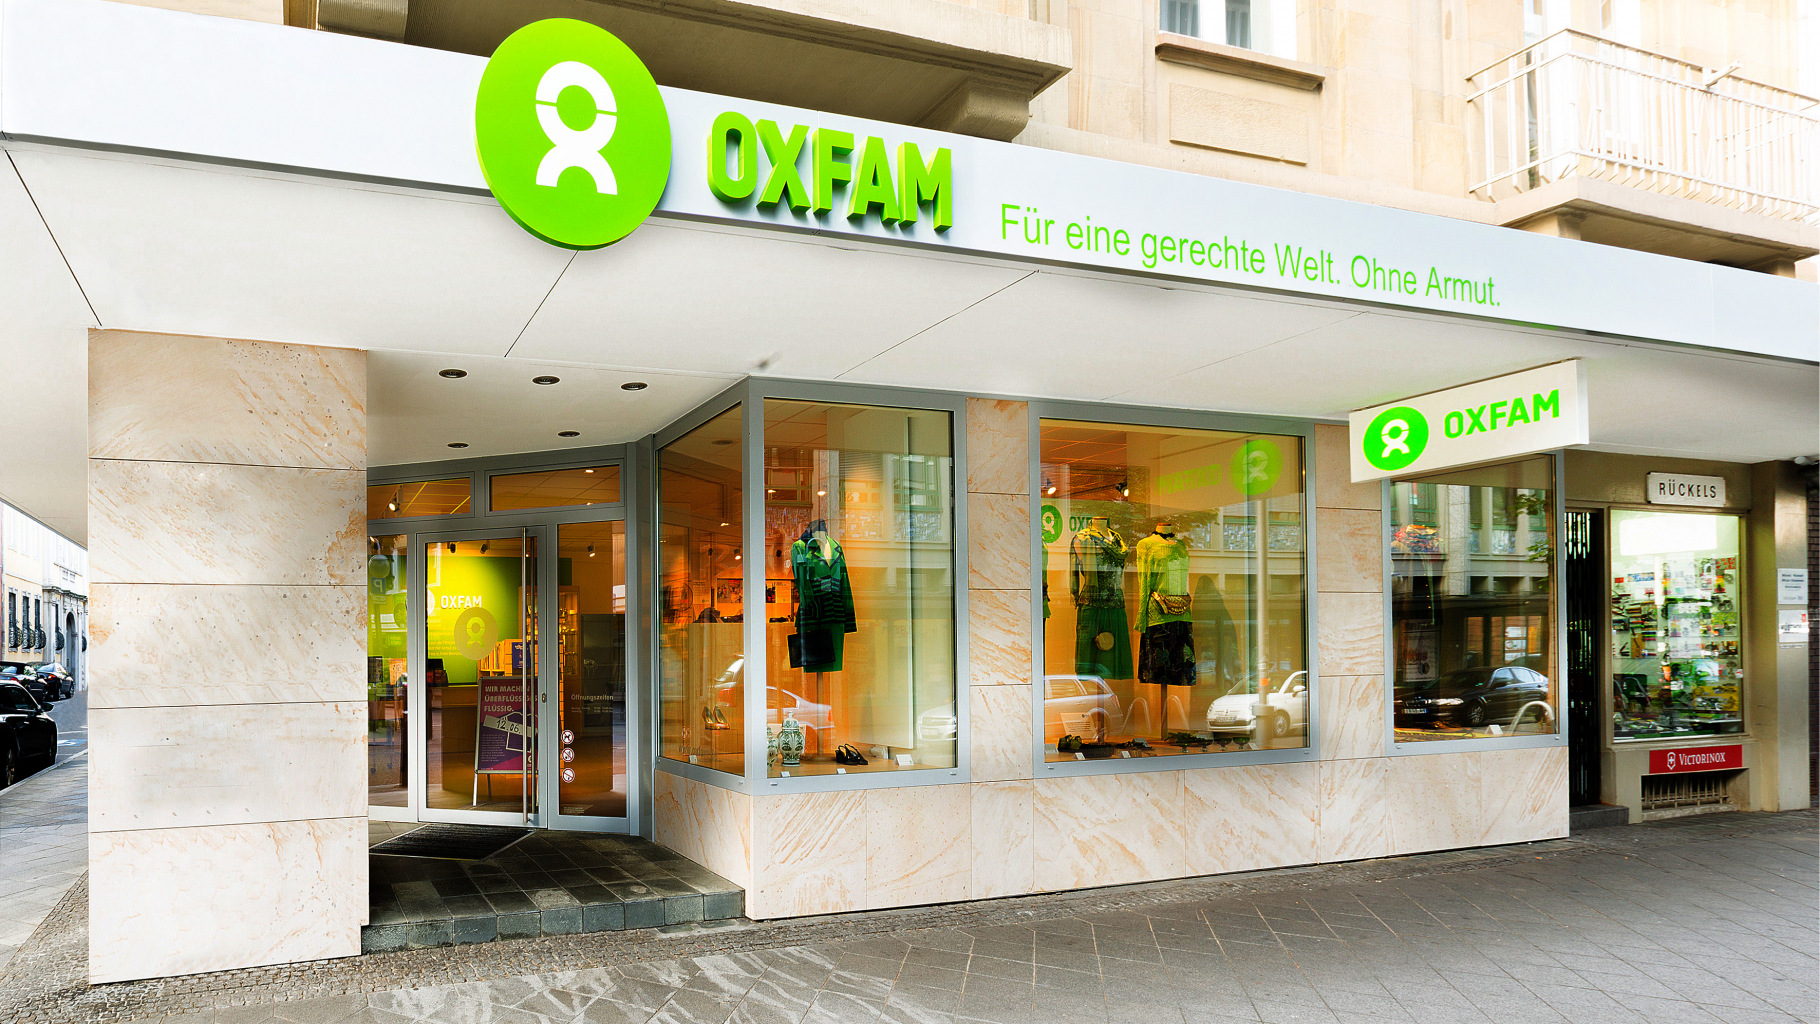 Oxfam Shop Mannheim - Außenansicht